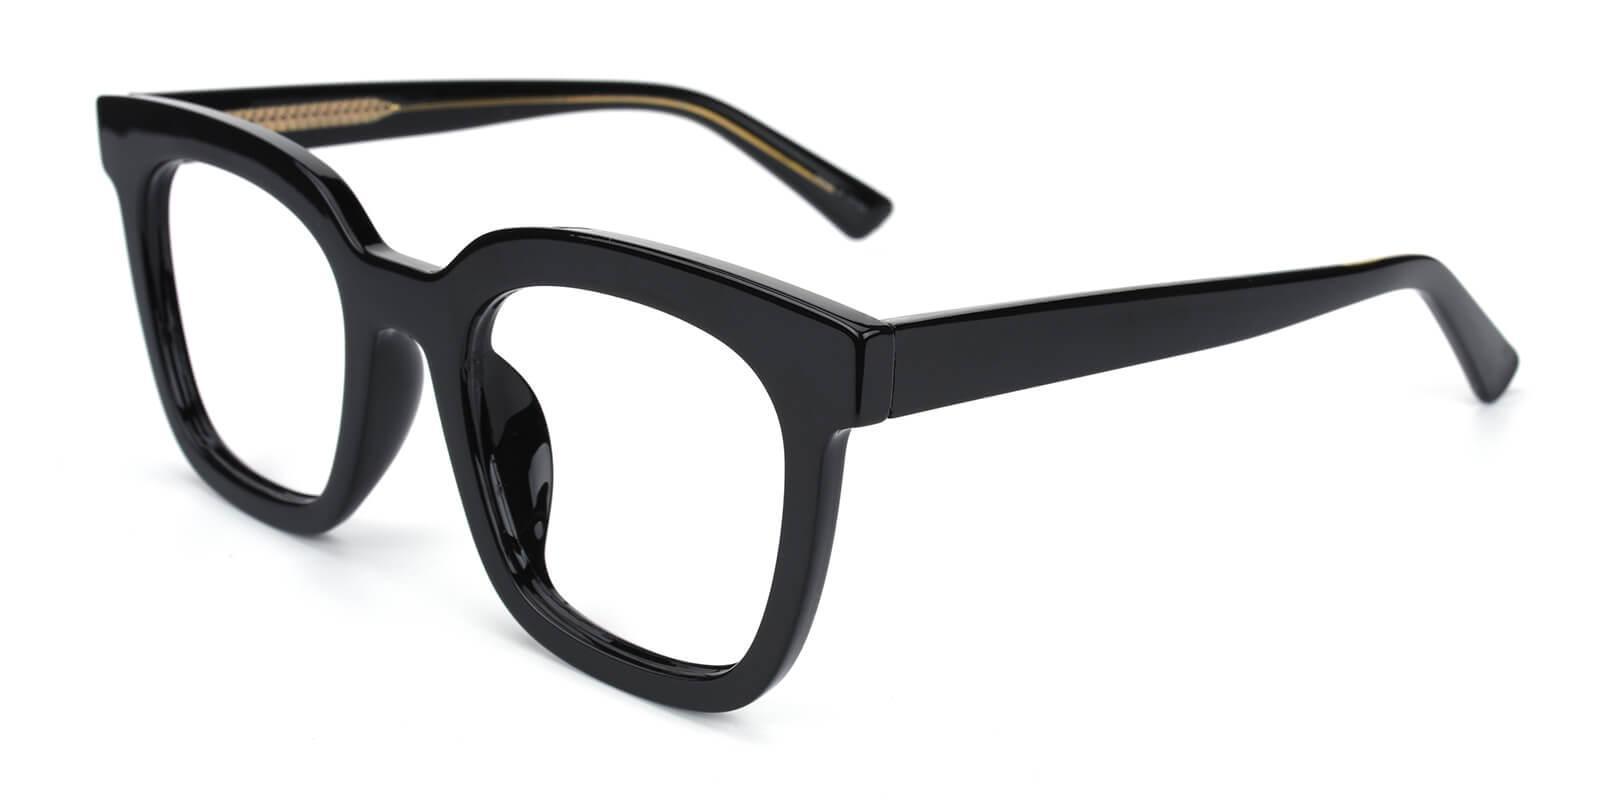 Aspect Black Acetate Eyeglasses , UniversalBridgeFit Frames from ABBE Glasses